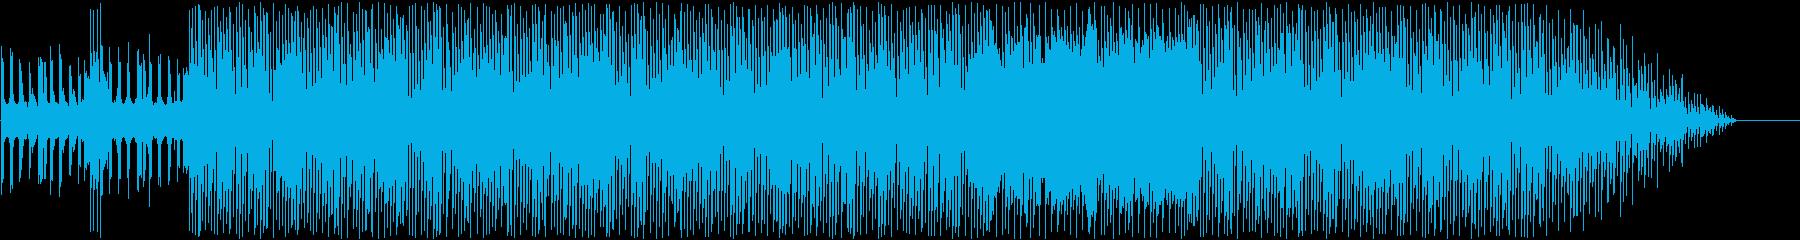 シンセリードが力強い躍動ロックの再生済みの波形